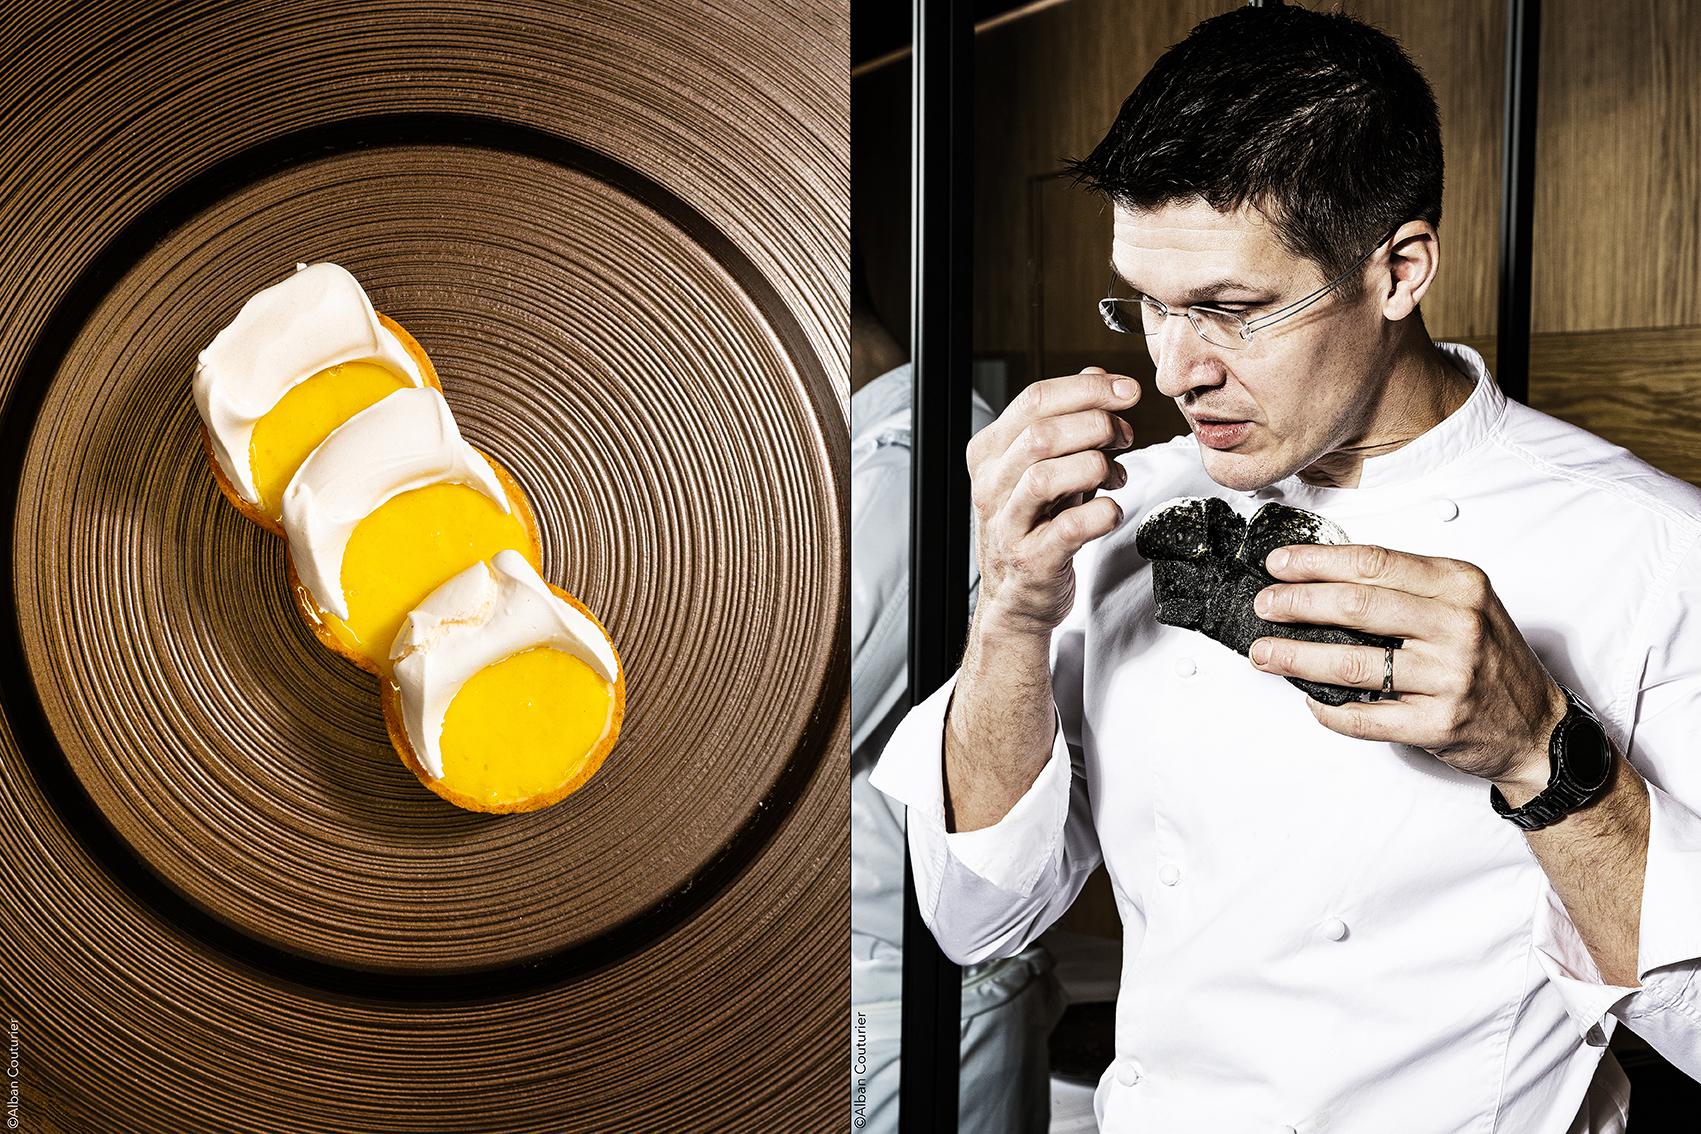 Portrait et Recette, Tartelette Citron et meringue, Chef Proprietaire Cyril Choisne, restaurant Eclipses, 27 rue de beaune Paris 7, ©Alban Couturier